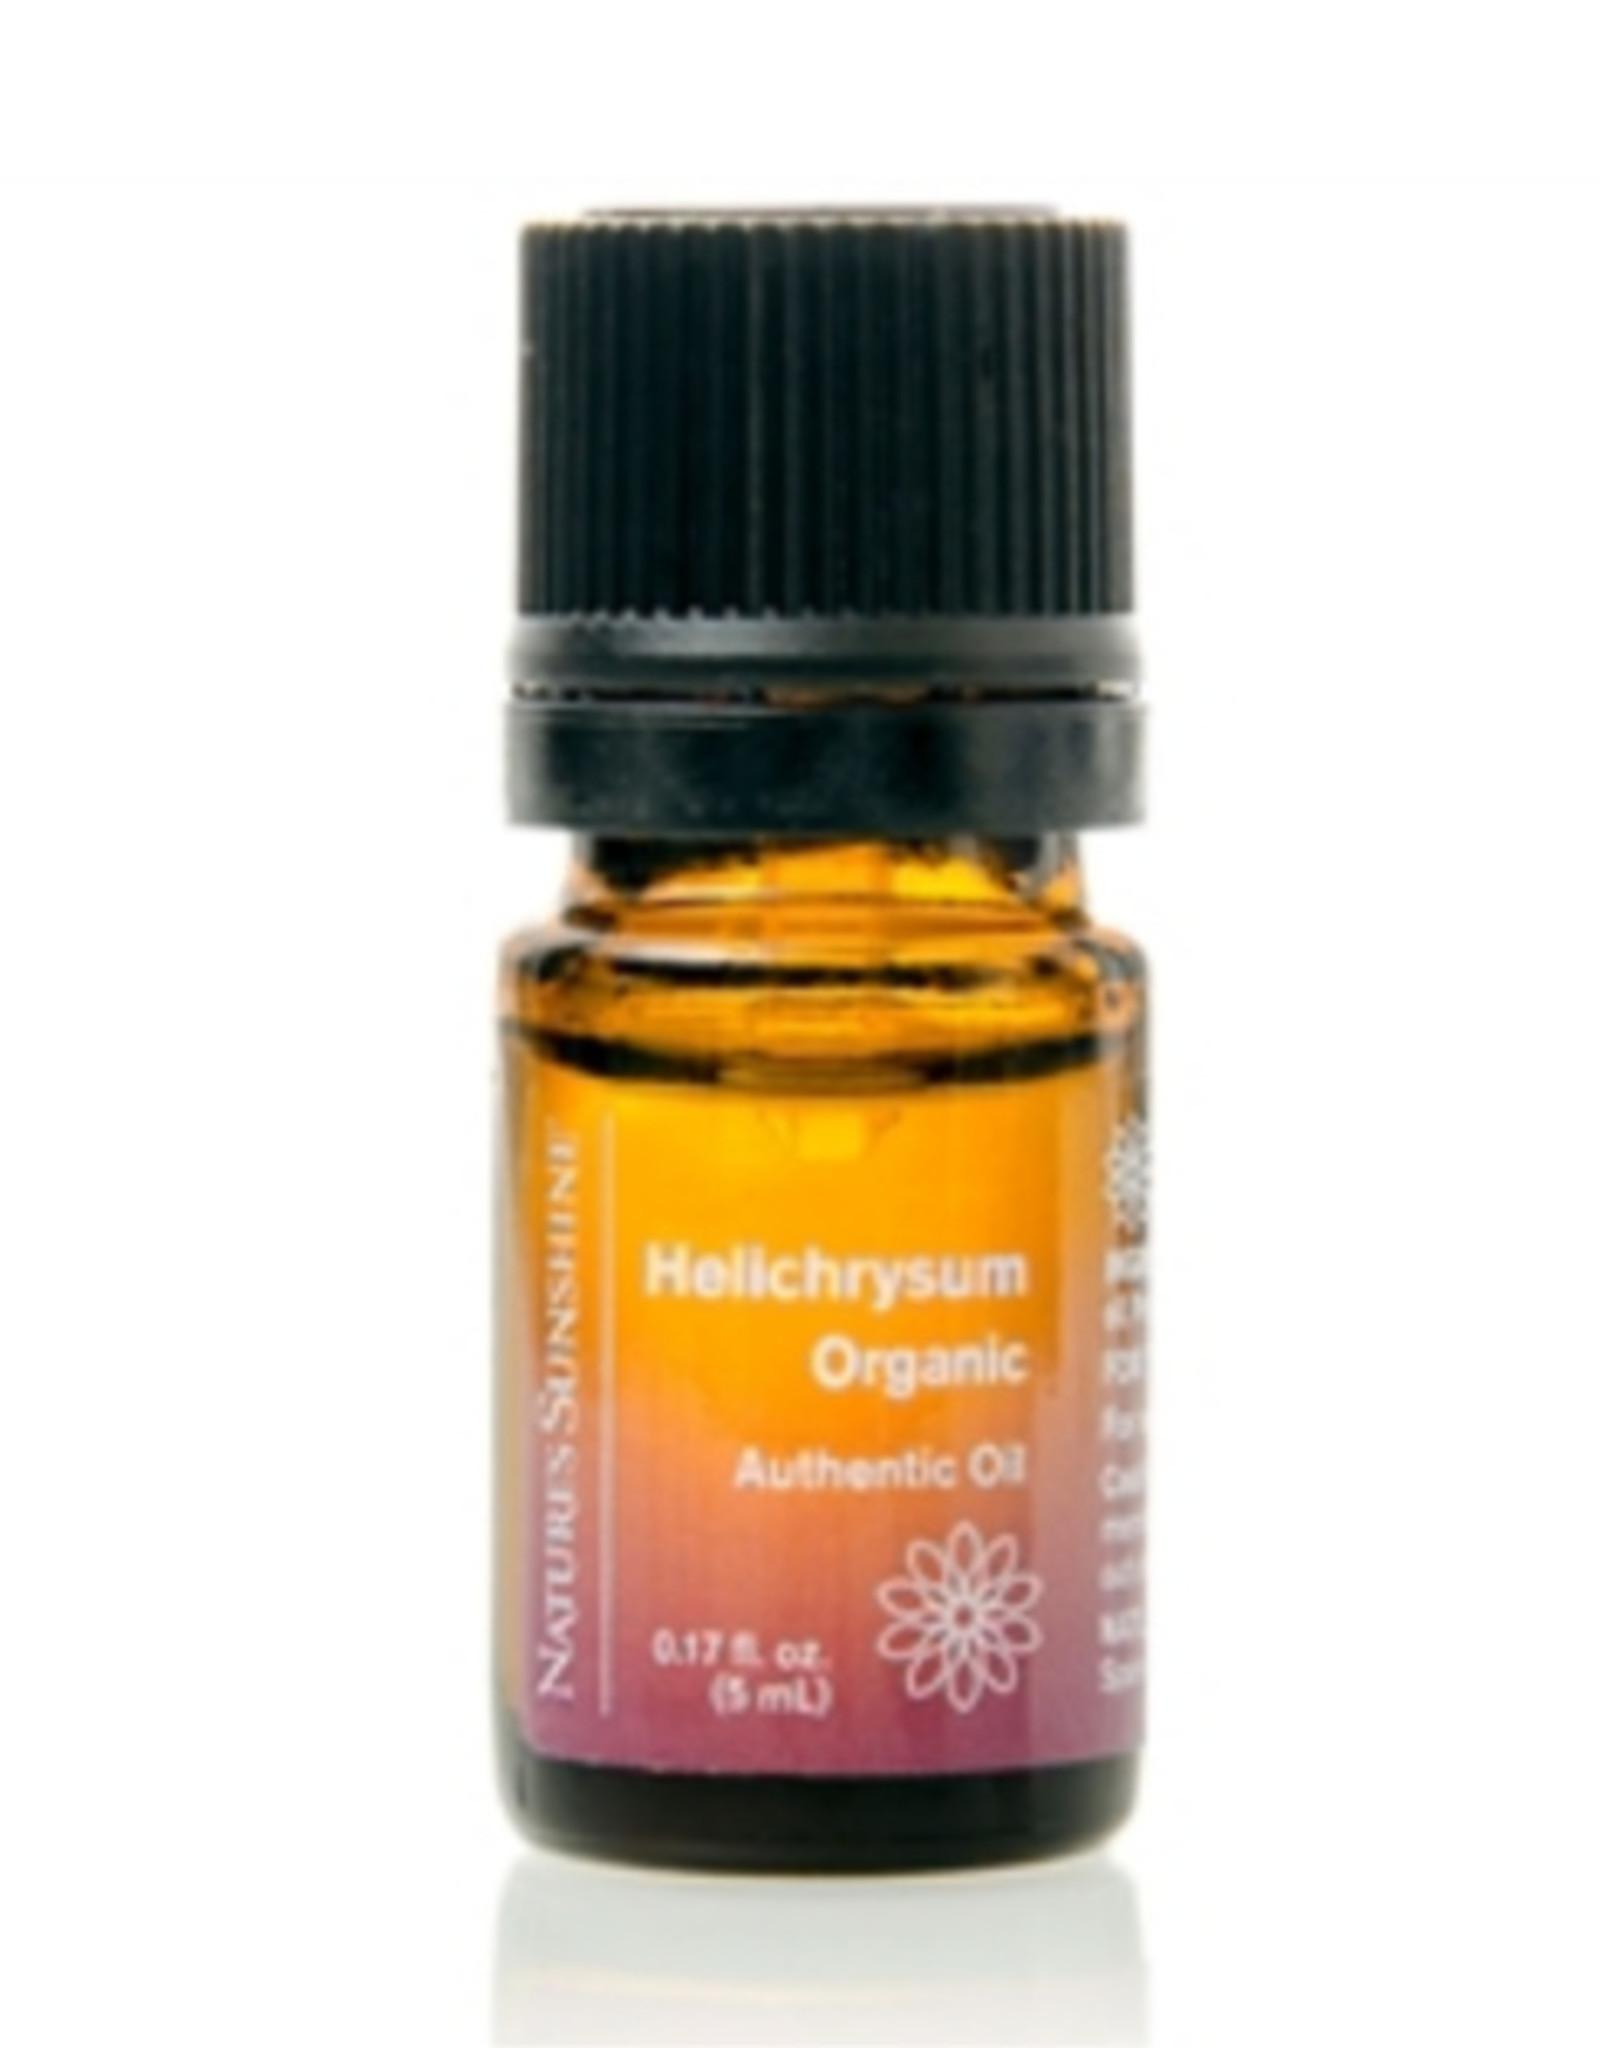 Nature's Sunshine Helichrysum, Organic (5 ml)